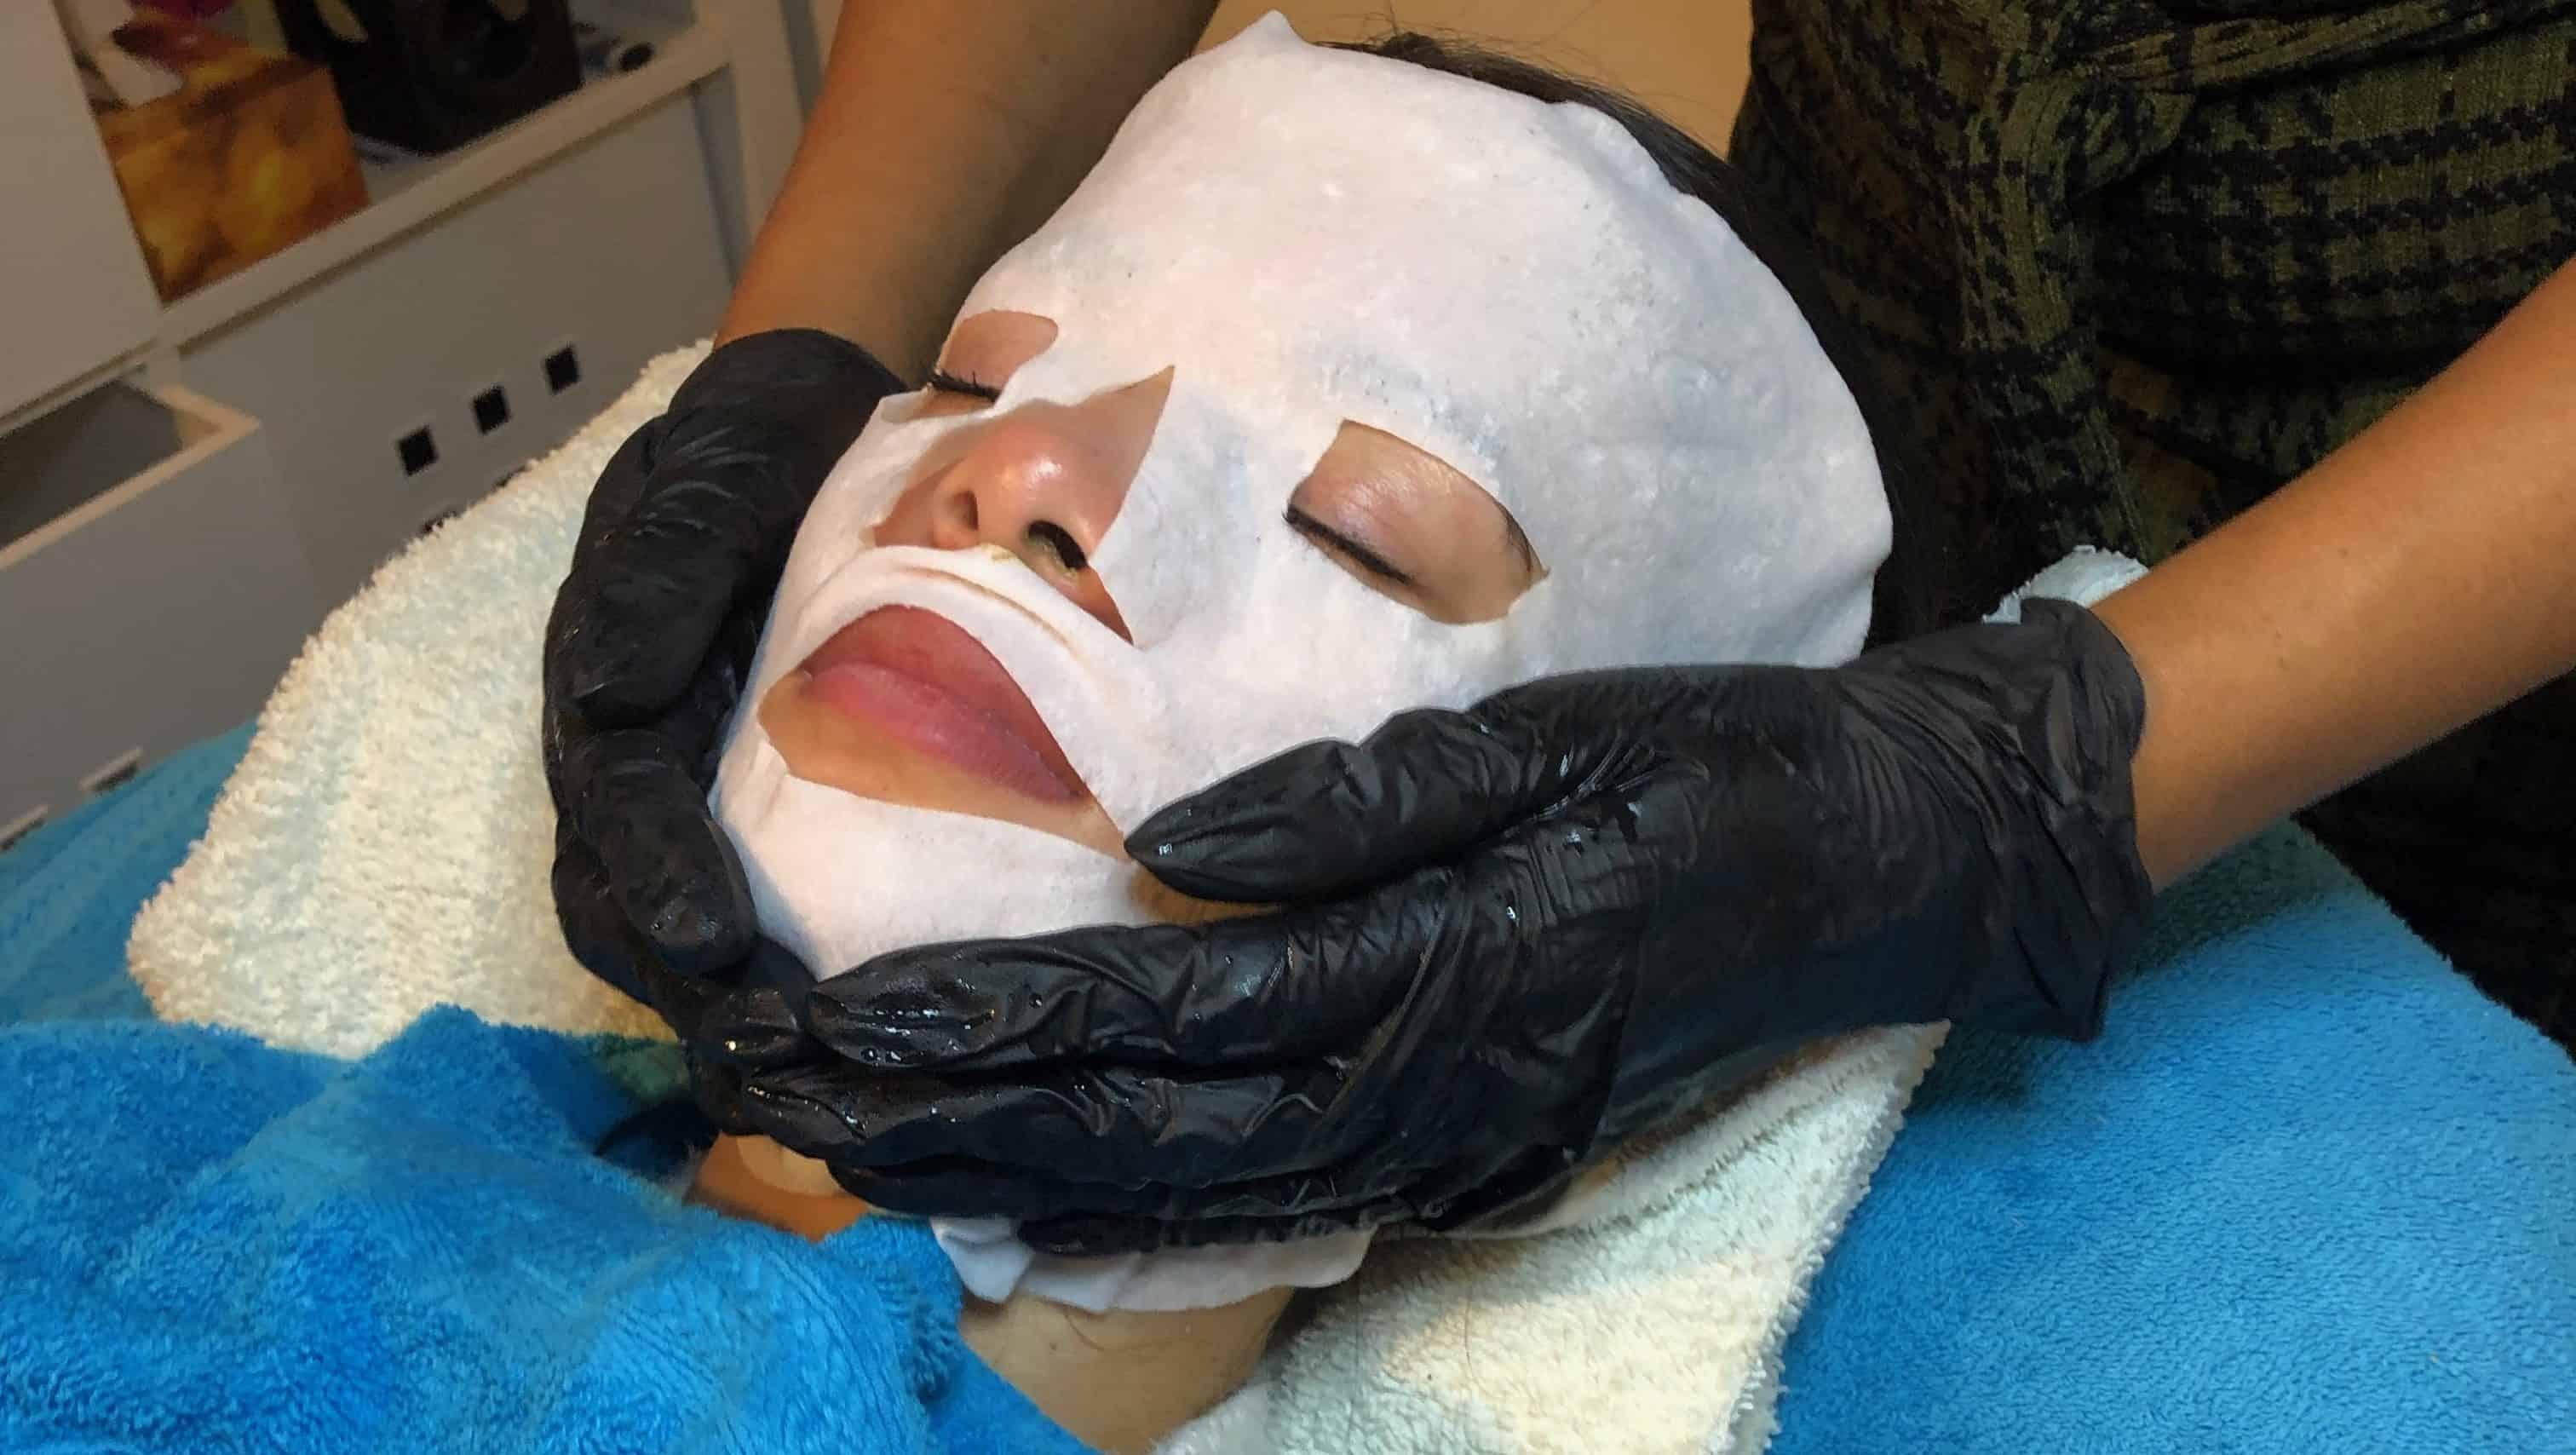 luxe gezichtsbehandeling en pedicure by mosfox